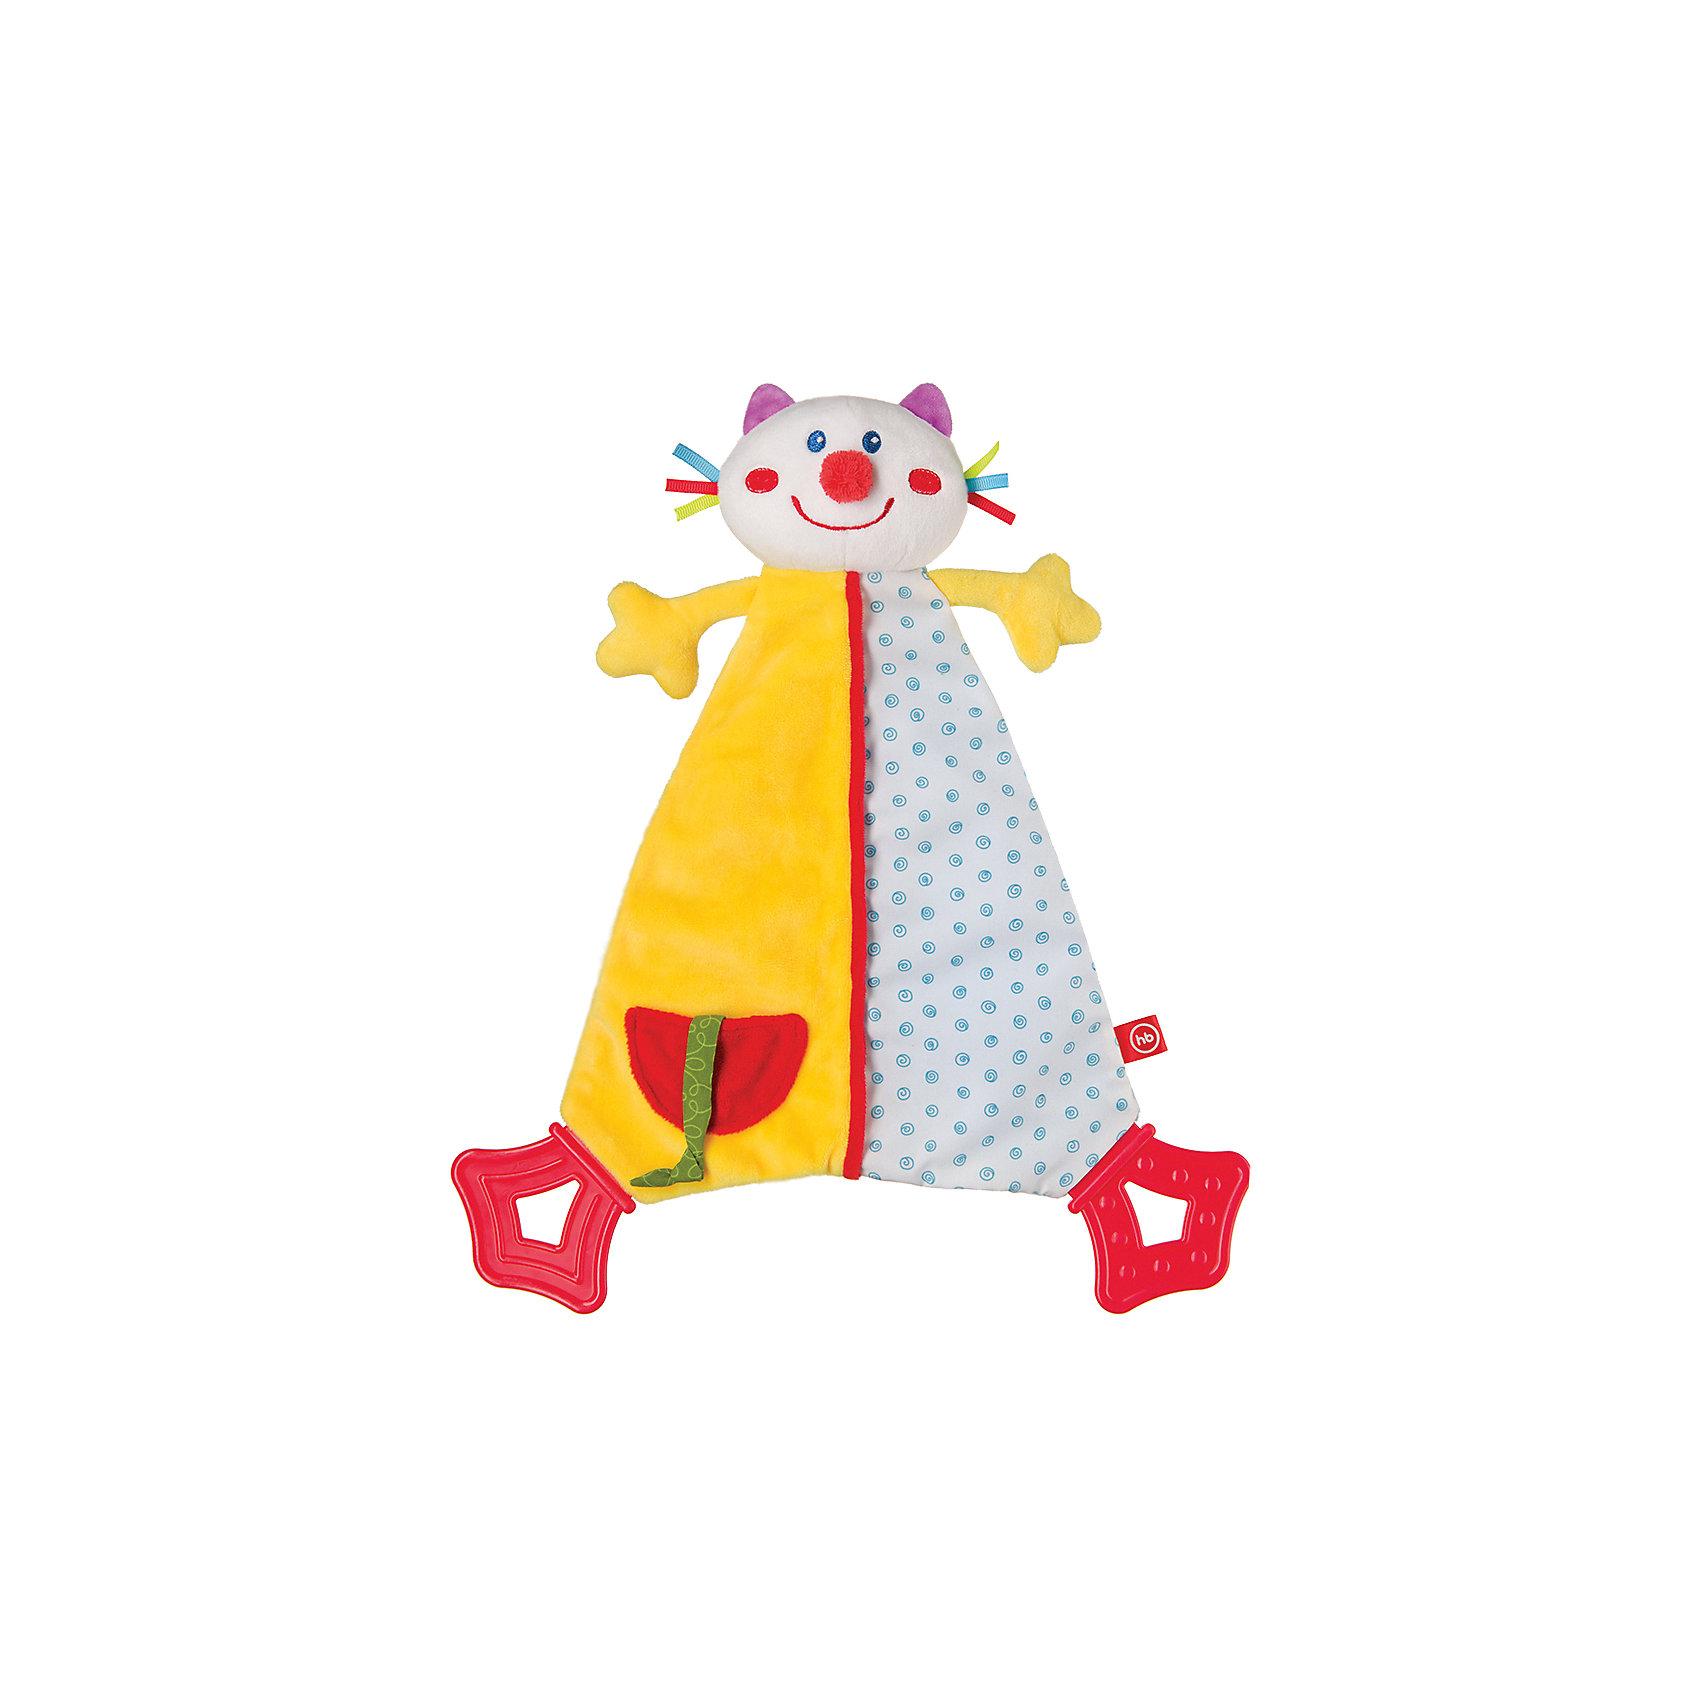 Развивающая игрушка Платок Dreamy Kitty, Happy BabyРазвивающие игрушки<br>Игрушка-платок DREAMY KITTY вызовет  самые теплые чувства у малыша. Веселая, добрая мордочка привлечет внимание малыша и вызовет положительные эмоции. Дружелюбный котик очень любит обнимашки! Передние лапки расставлены в стороны, так и хочется обняться с ним, прижать к себе.<br><br>Ширина мм: 50<br>Глубина мм: 220<br>Высота мм: 335<br>Вес г: 127<br>Возраст от месяцев: 0<br>Возраст до месяцев: 18<br>Пол: Унисекс<br>Возраст: Детский<br>SKU: 5621708